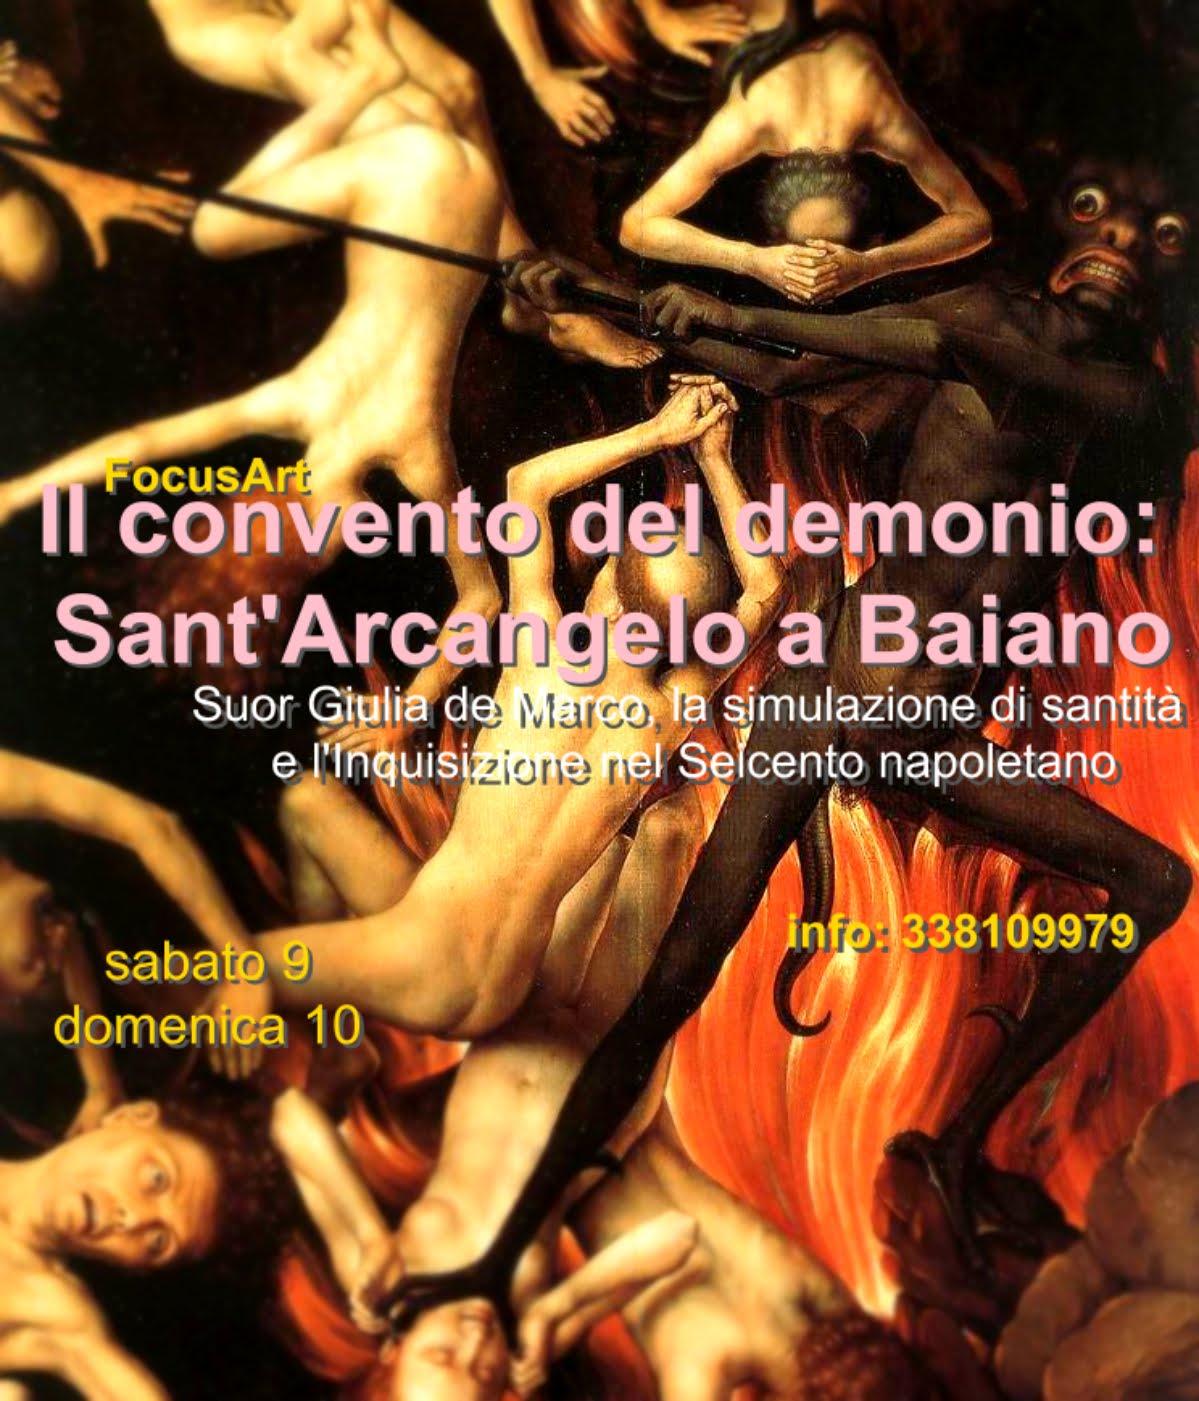 Sant'Arcangelo a Bajano